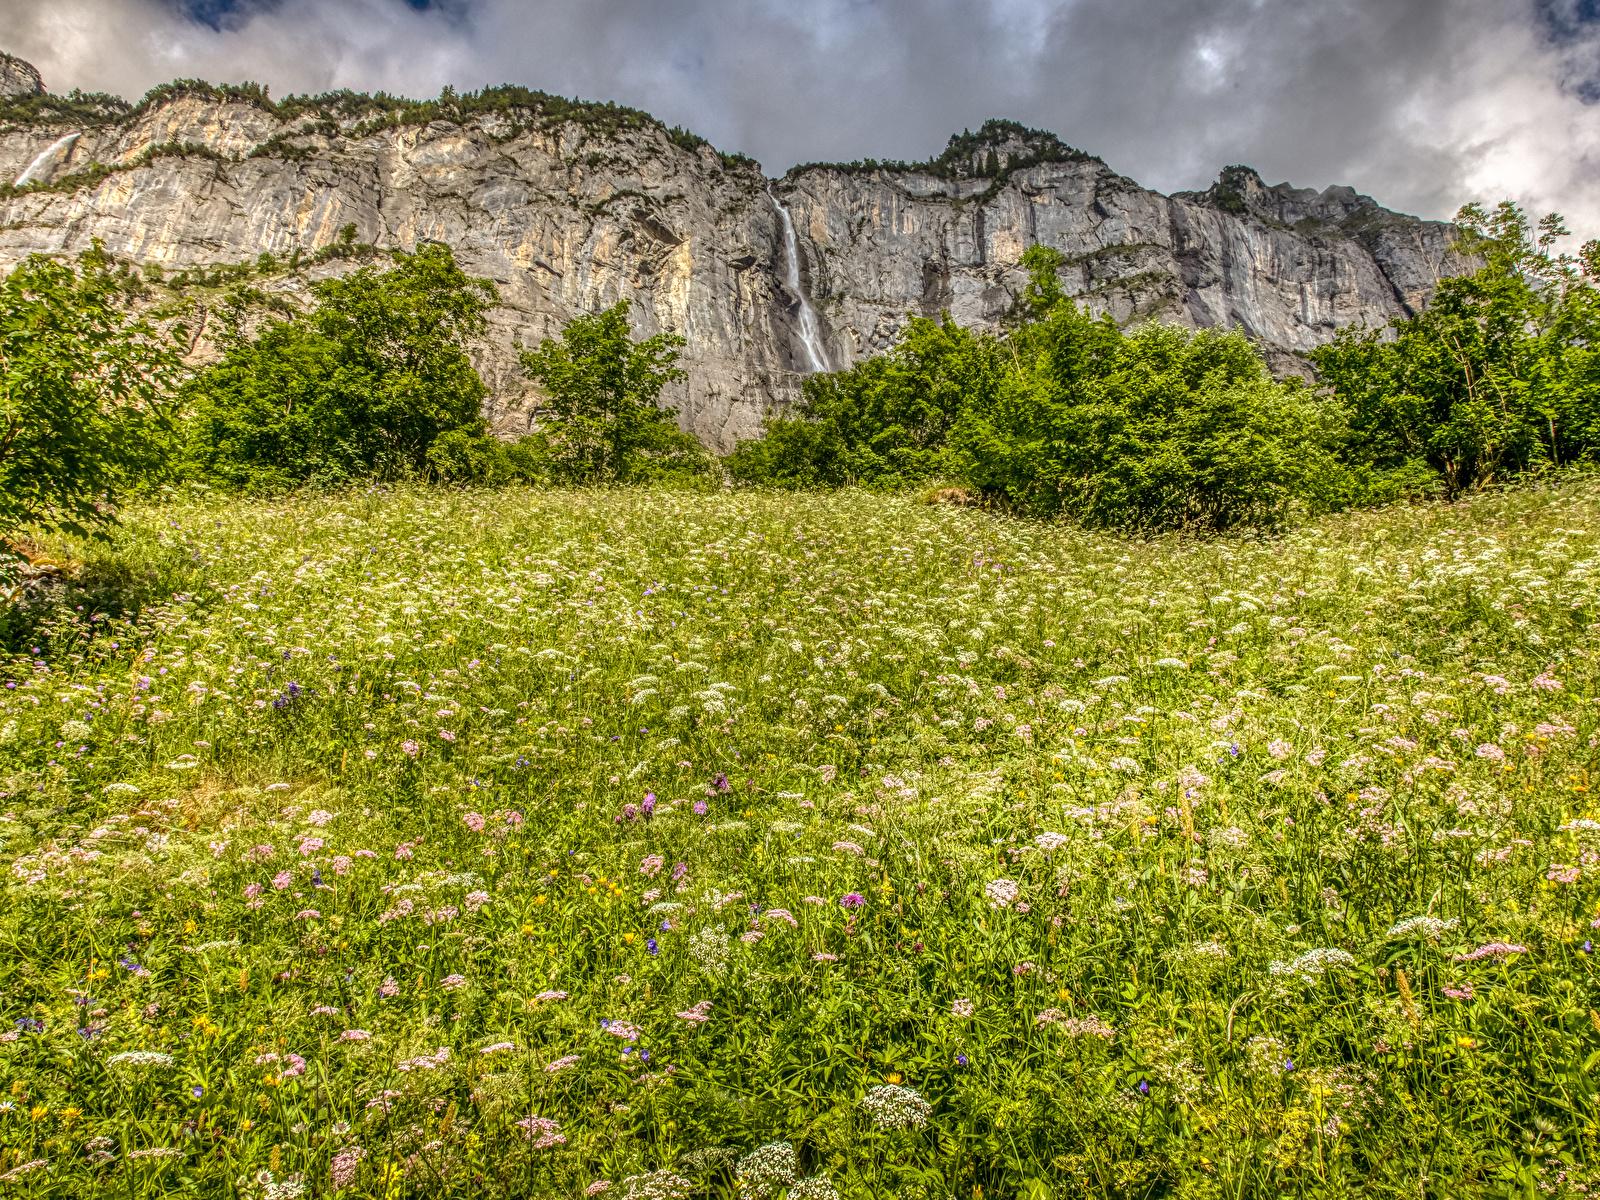 Фотография альп Швейцария Горы Природа Водопады Трава Кусты 1600x1200 Альпы гора траве кустов